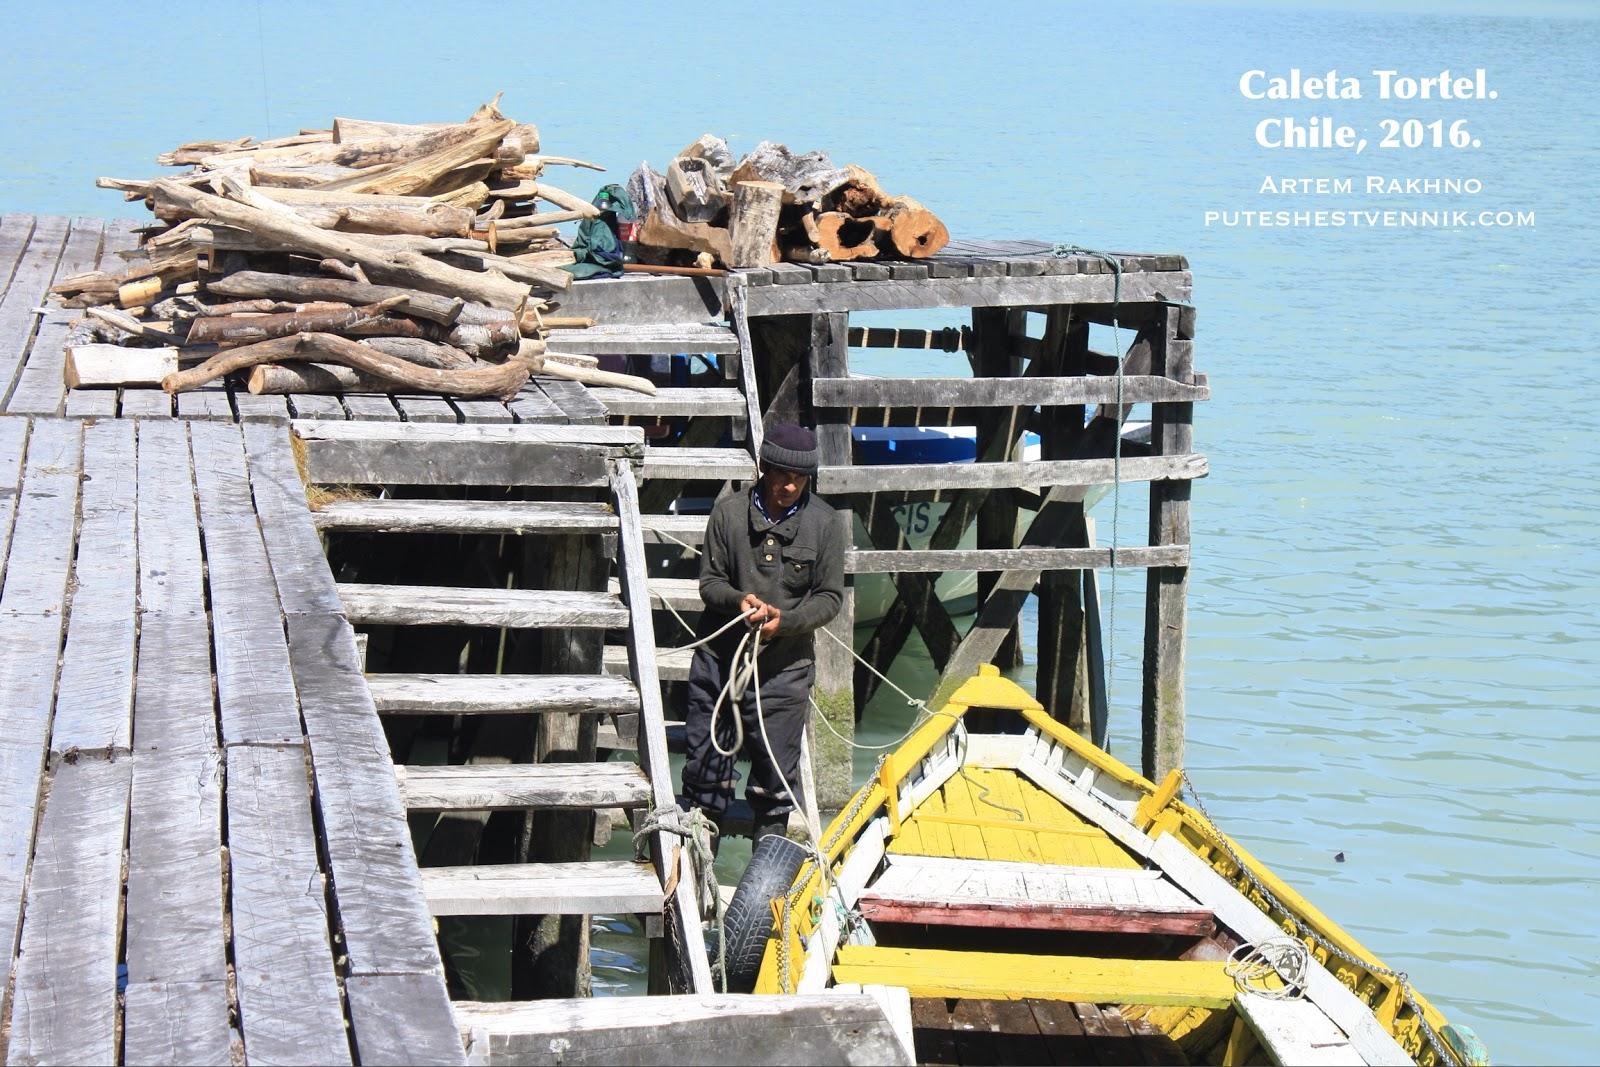 Лодочник в чилийской деревне Калета Тортел